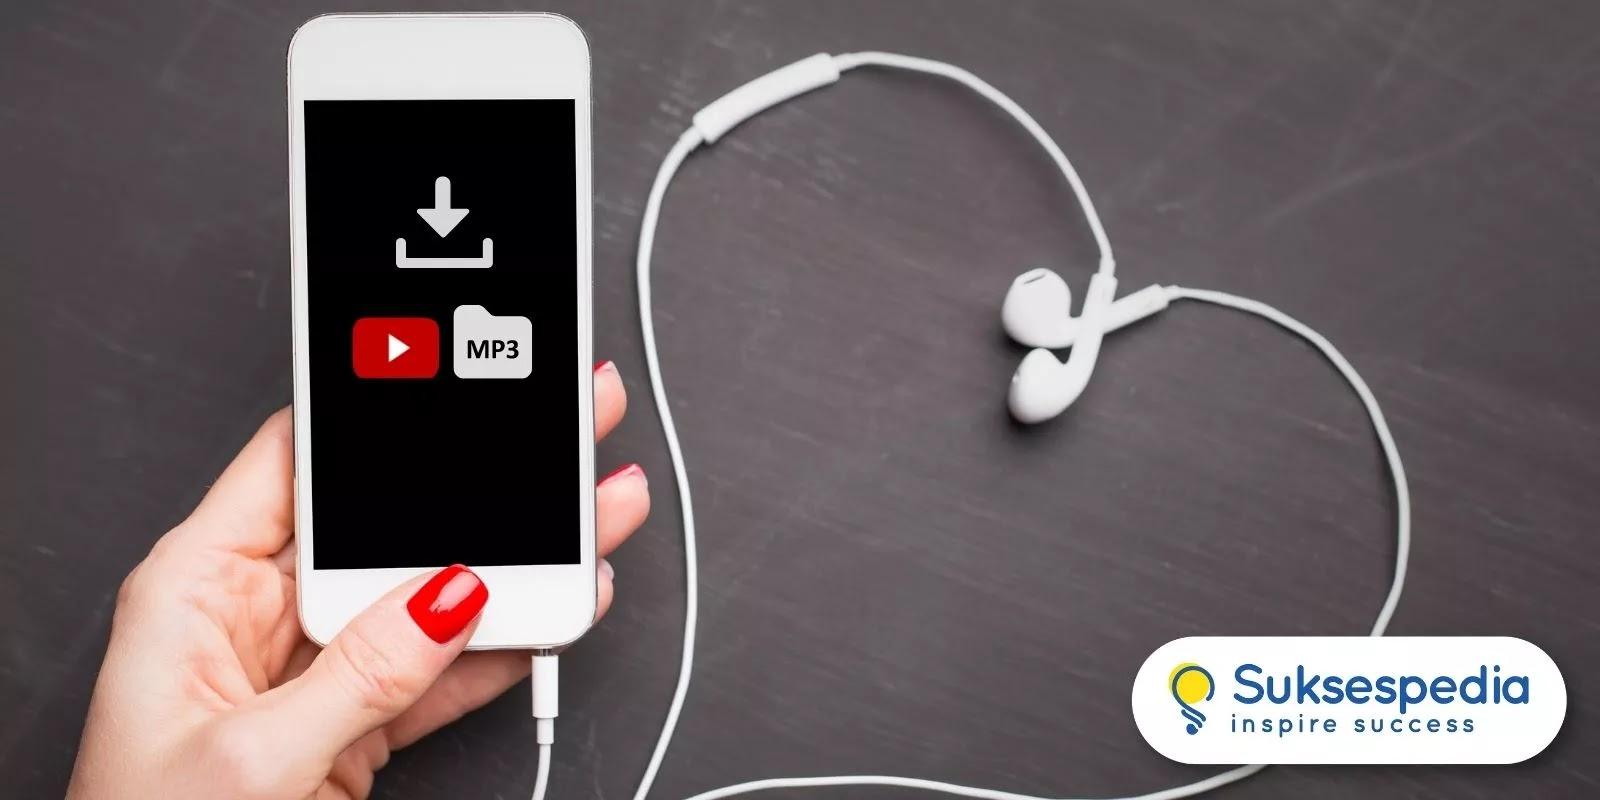 Ini Dia 2 Cara Mendownload Lagu dari YouTube Music yang Paling Mudah